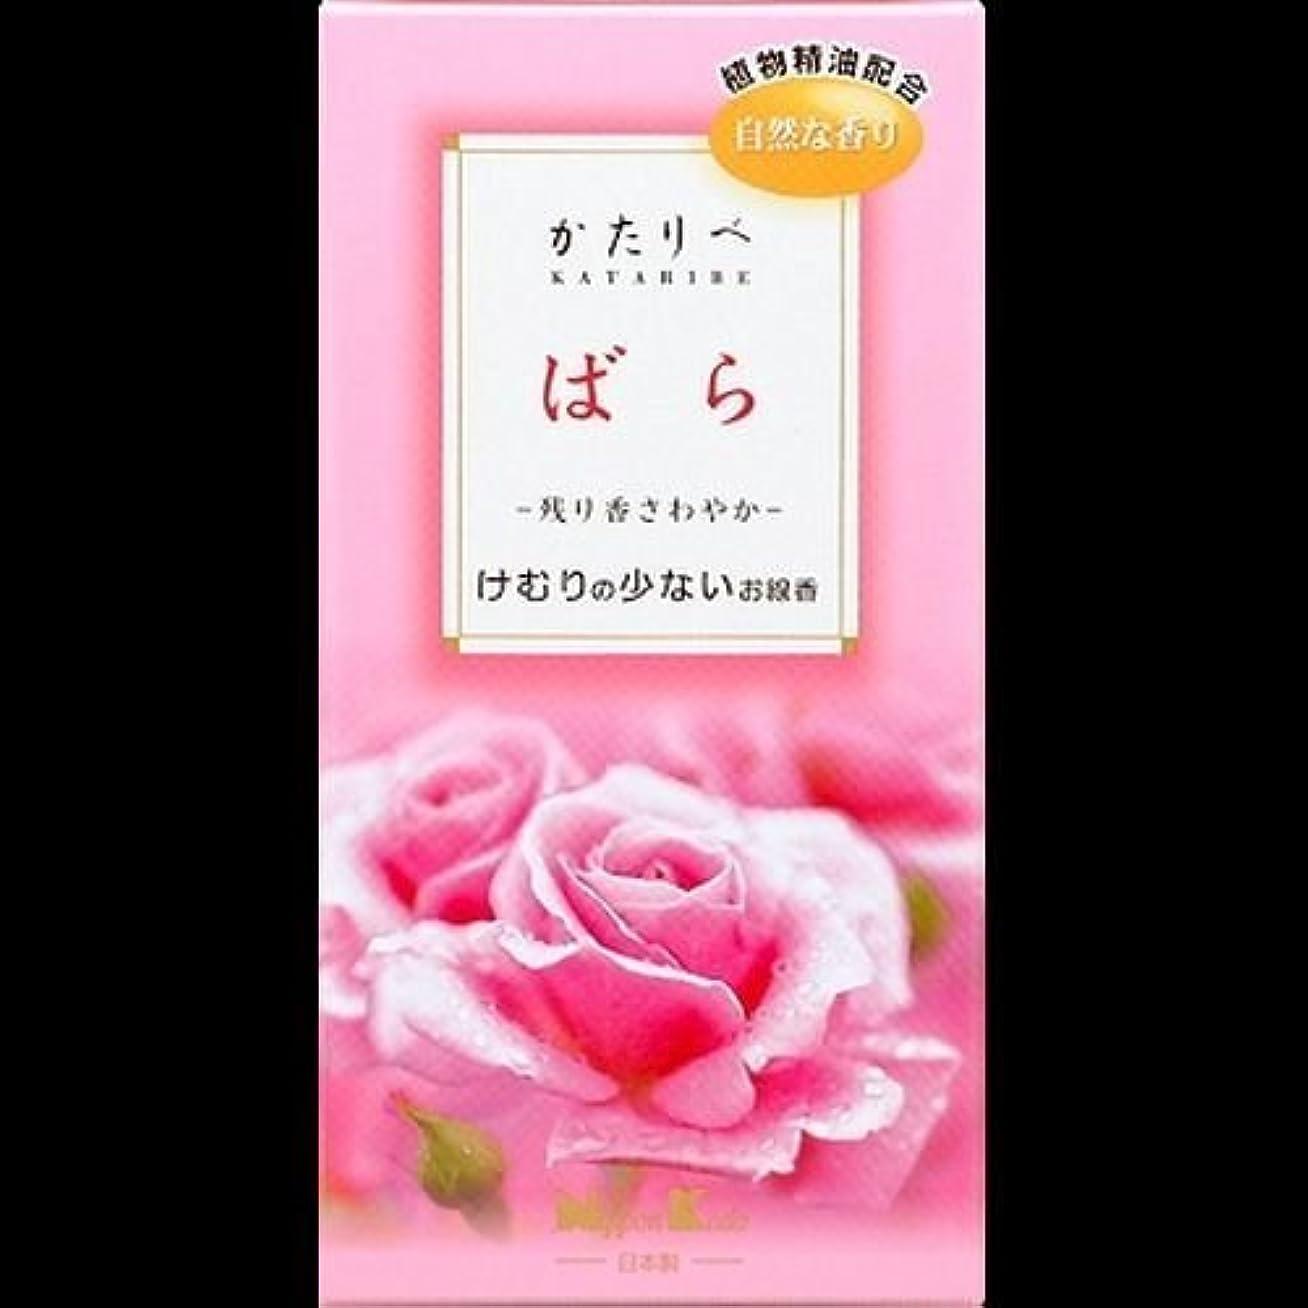 パット平日アライアンス【まとめ買い】かたりべ ばら バラ詰 ×2セット